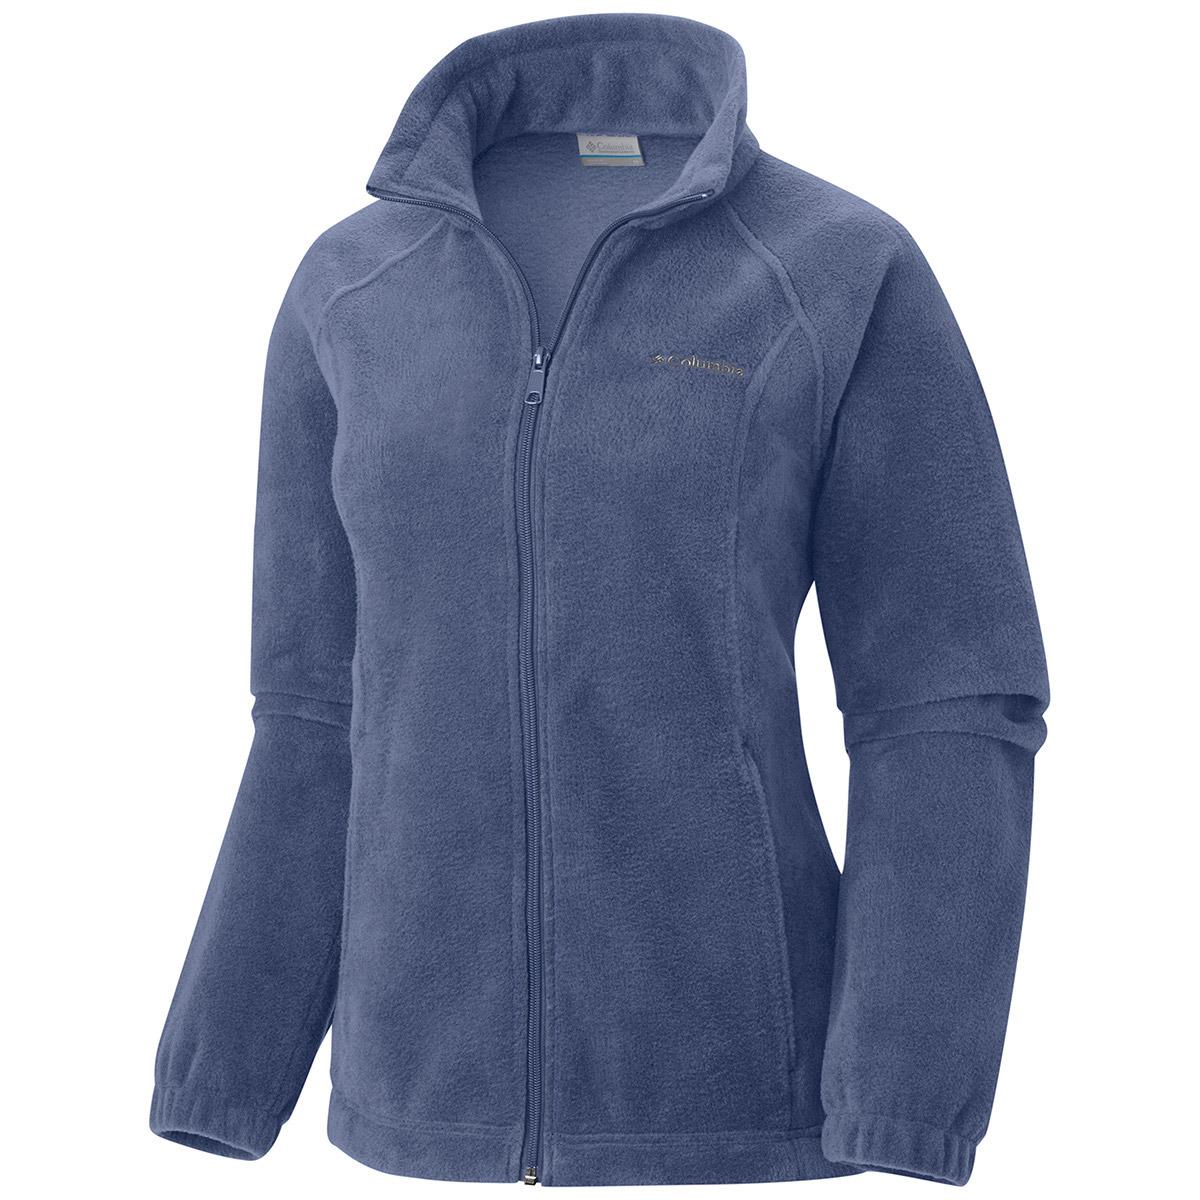 Columbia Women's Benton Springs Fleece Jacket - Blue, S